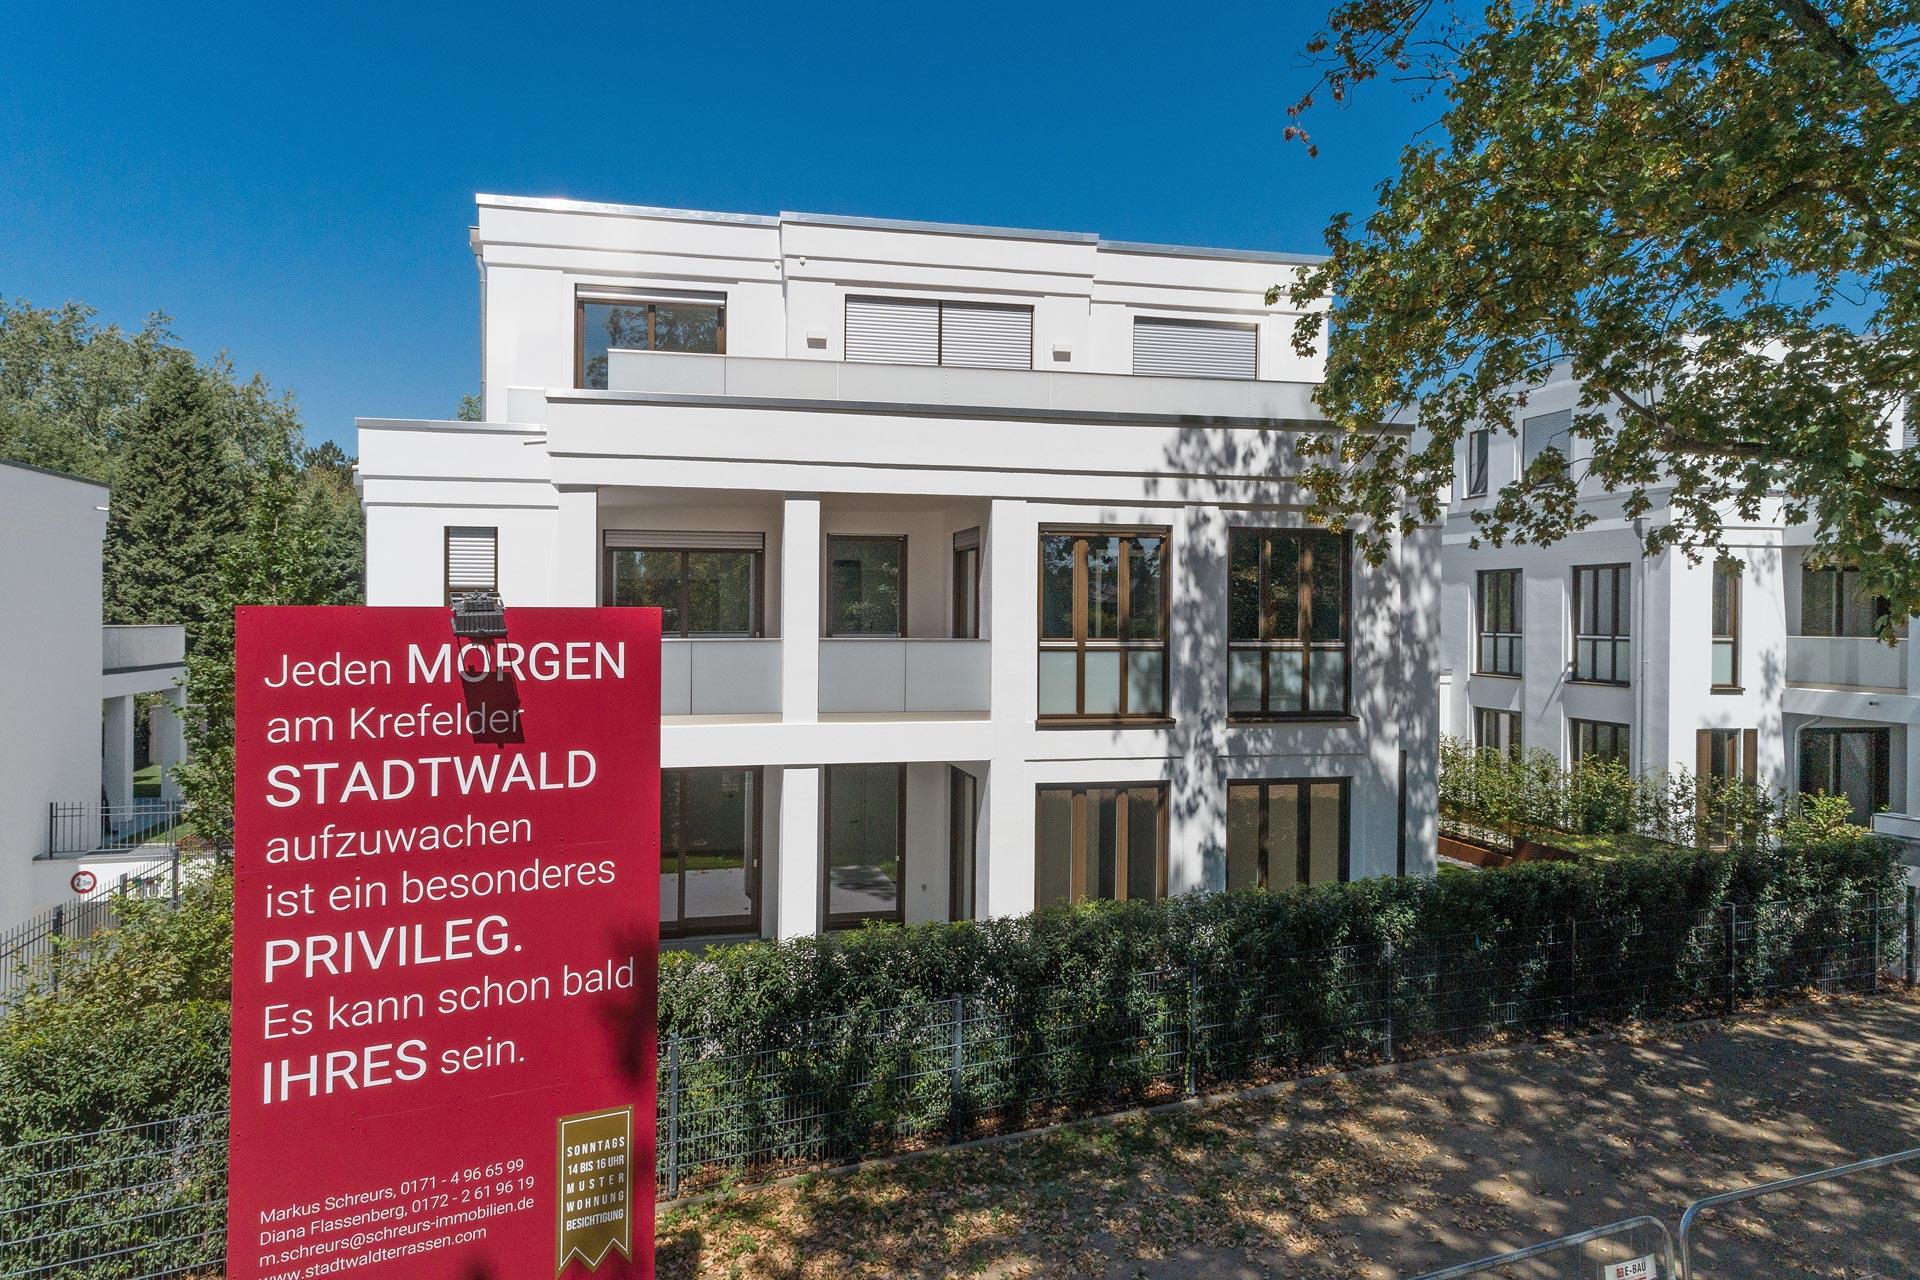 Wohnungen am Stadtwald in Krefeld